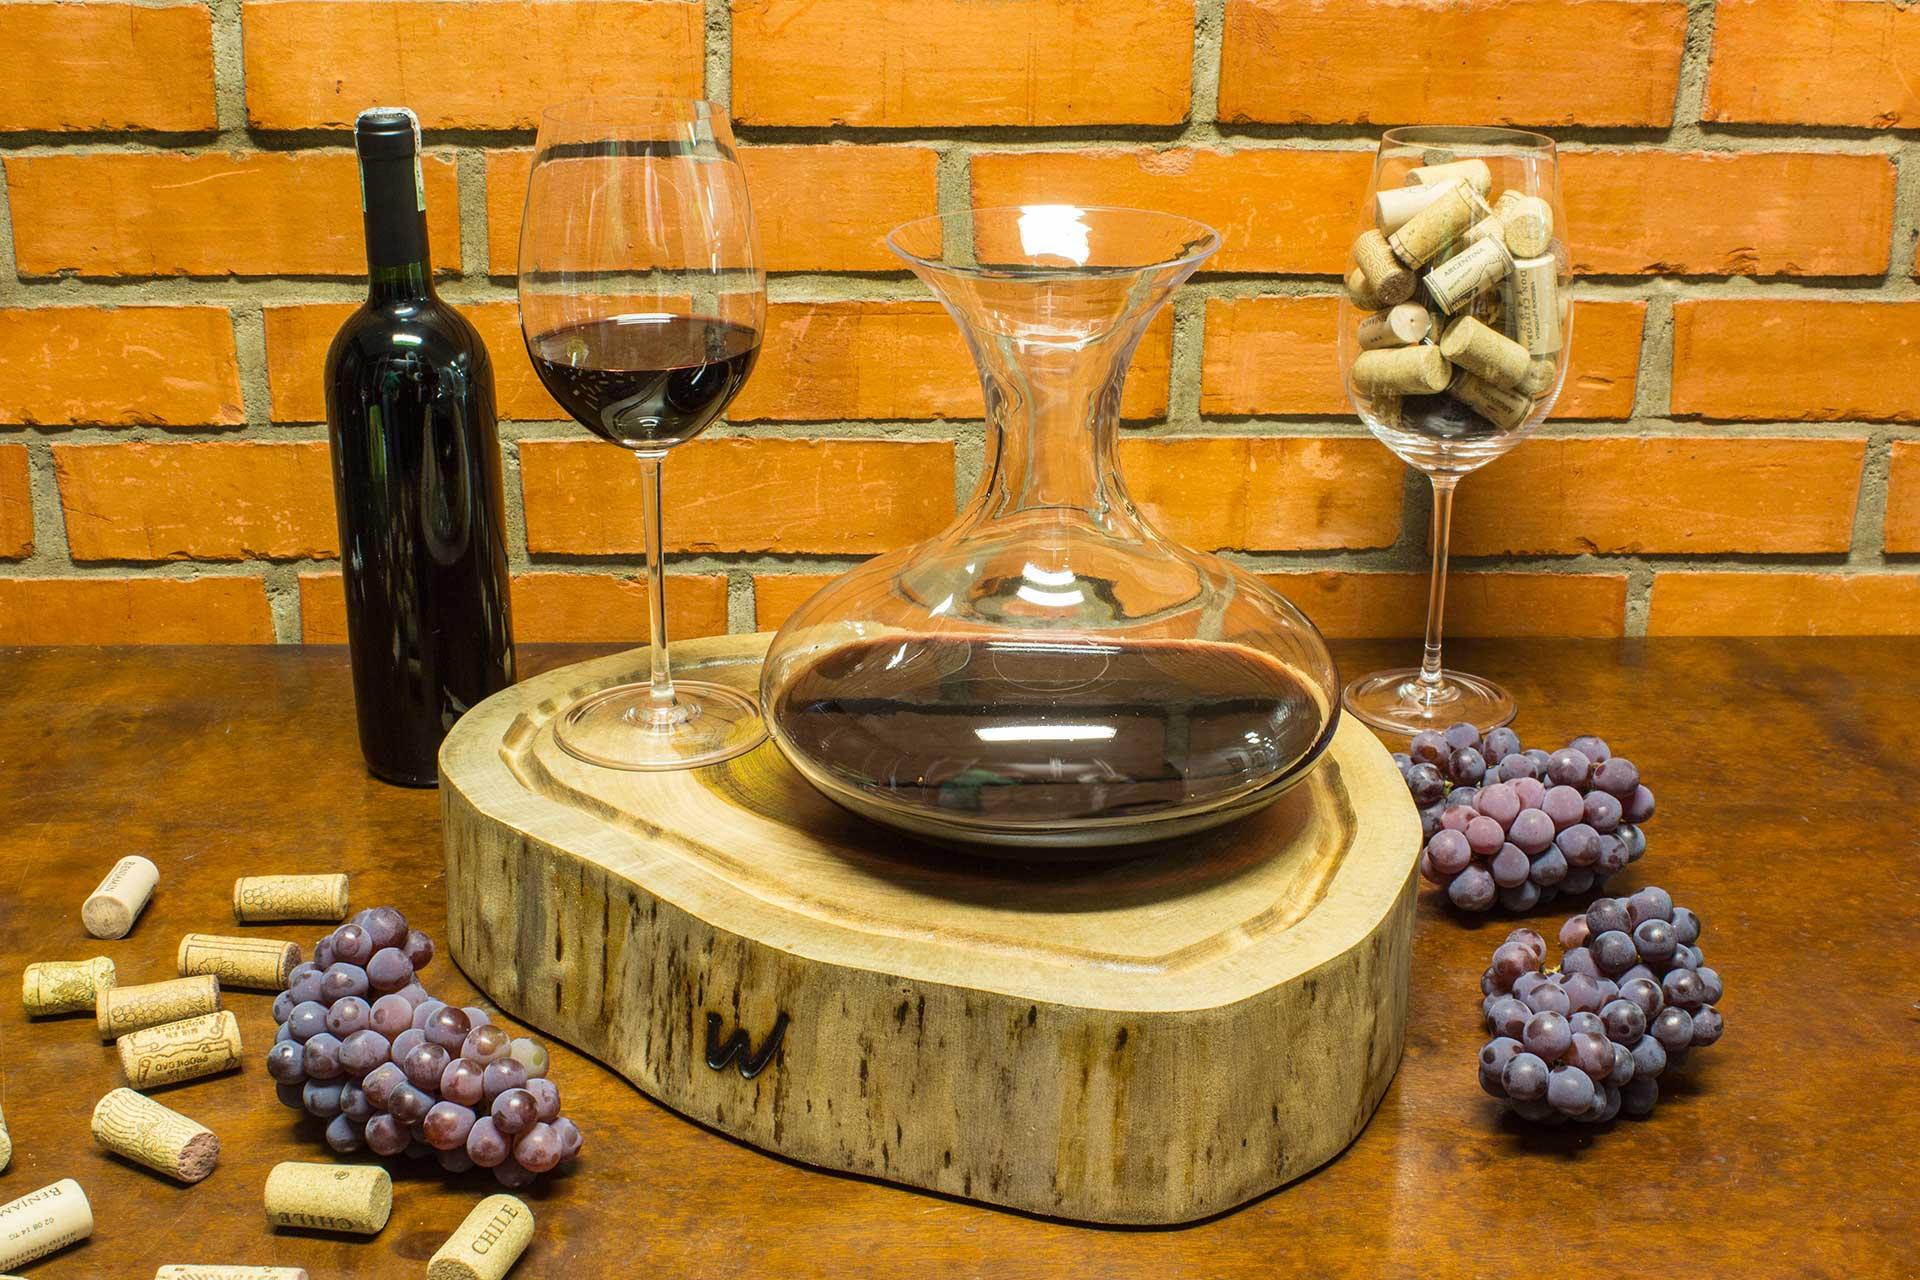 Imagem: Para a degustação de vinhos ser ainda mais completa, o uso de um decanter é essencial. A Oxford Crystal possui um modelo feito à mão com puro cristal. Foto: Equipe Oxford.